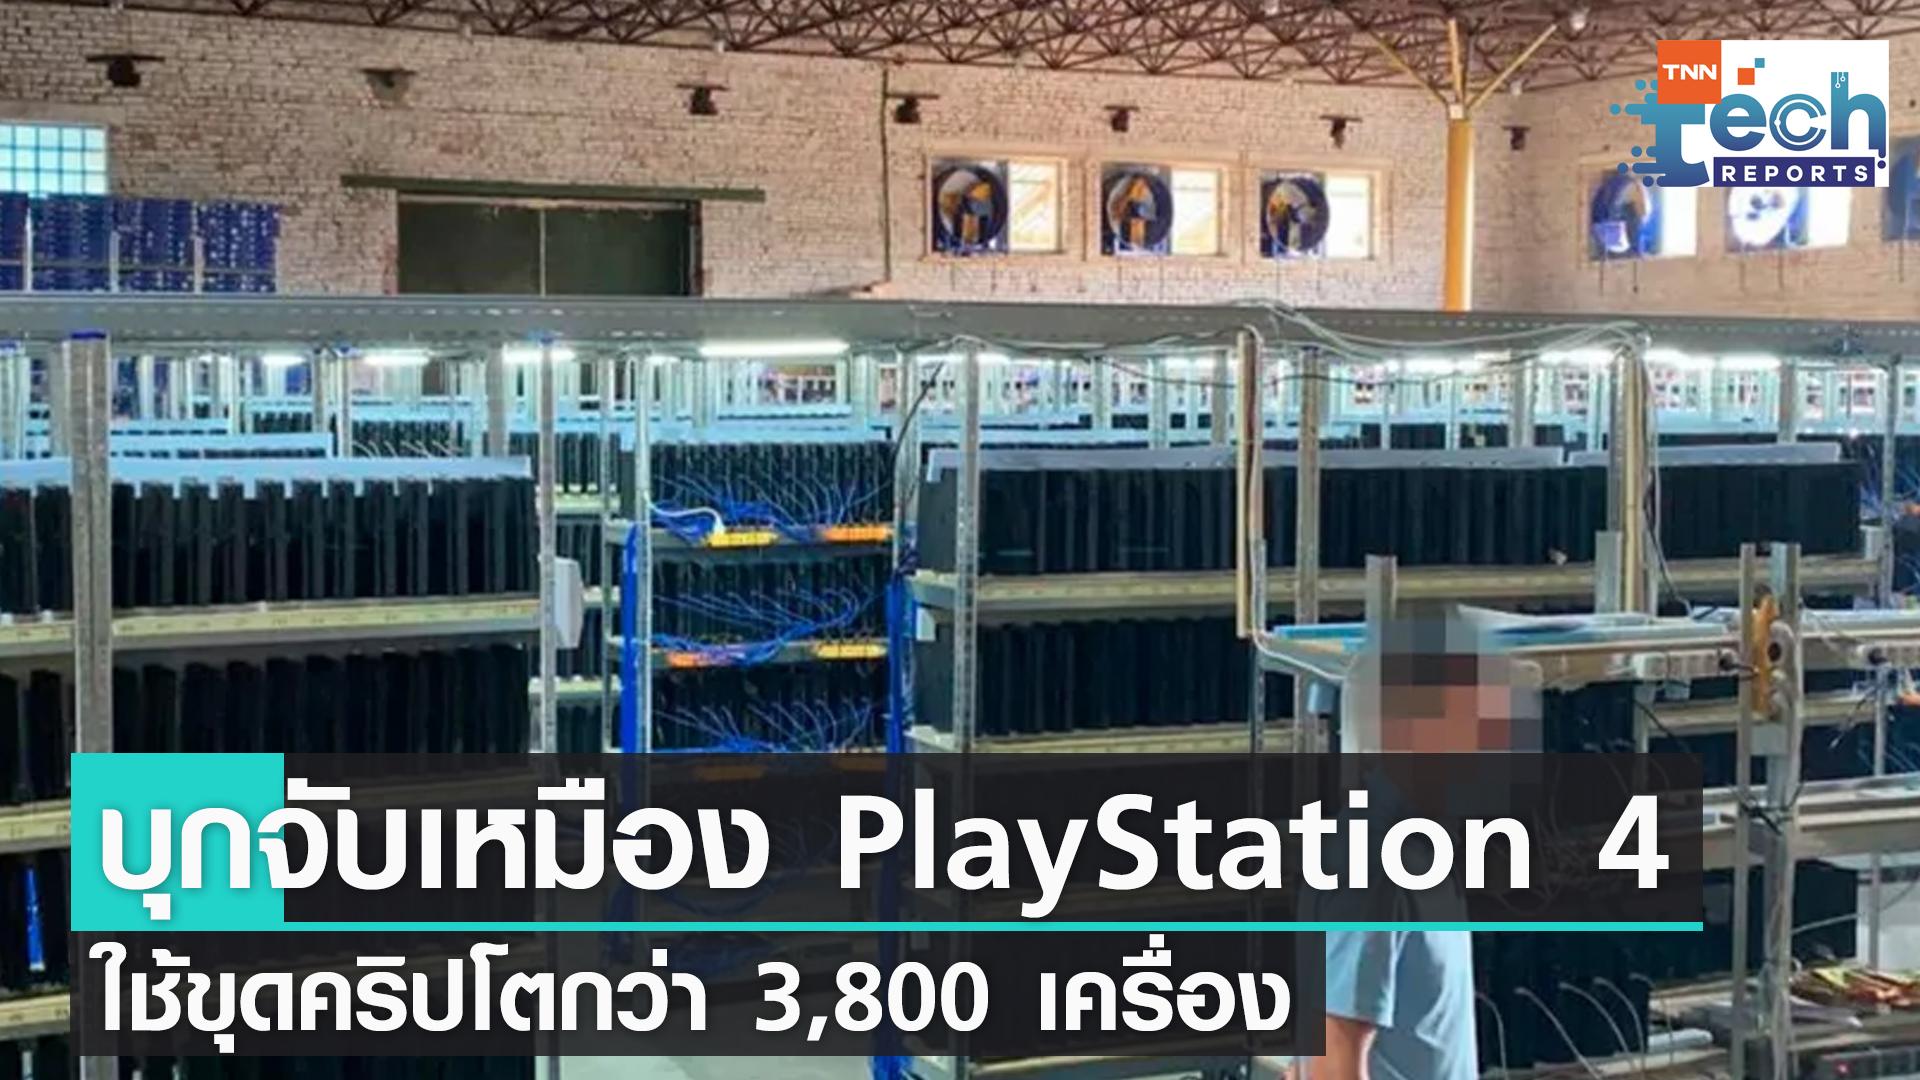 ยูเครนบุกโกดังเหมืองคริปโต พบใช้ PlayStation 4 กว่า 3,800 เป็นอุปกรณ์ขุด